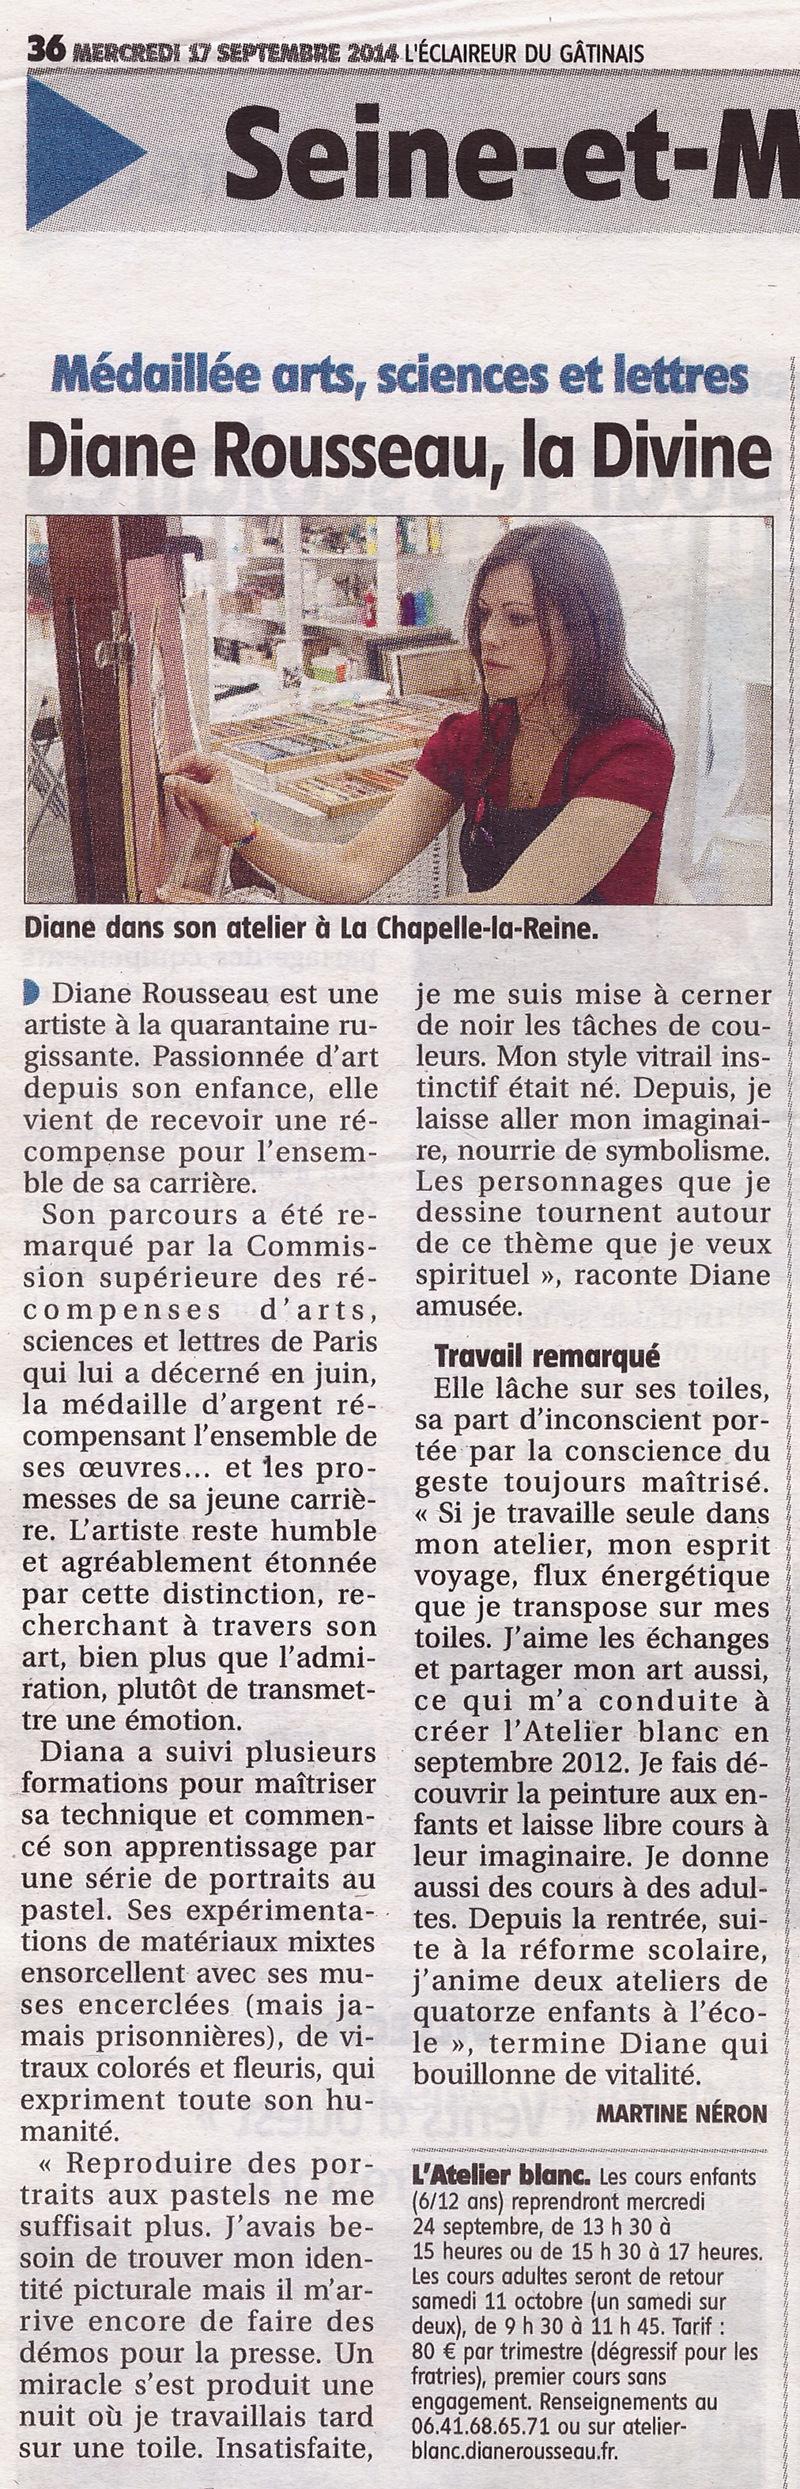 Diane Rousseau, presse, L'Eclaireur du Gâtinais, septembre 2014